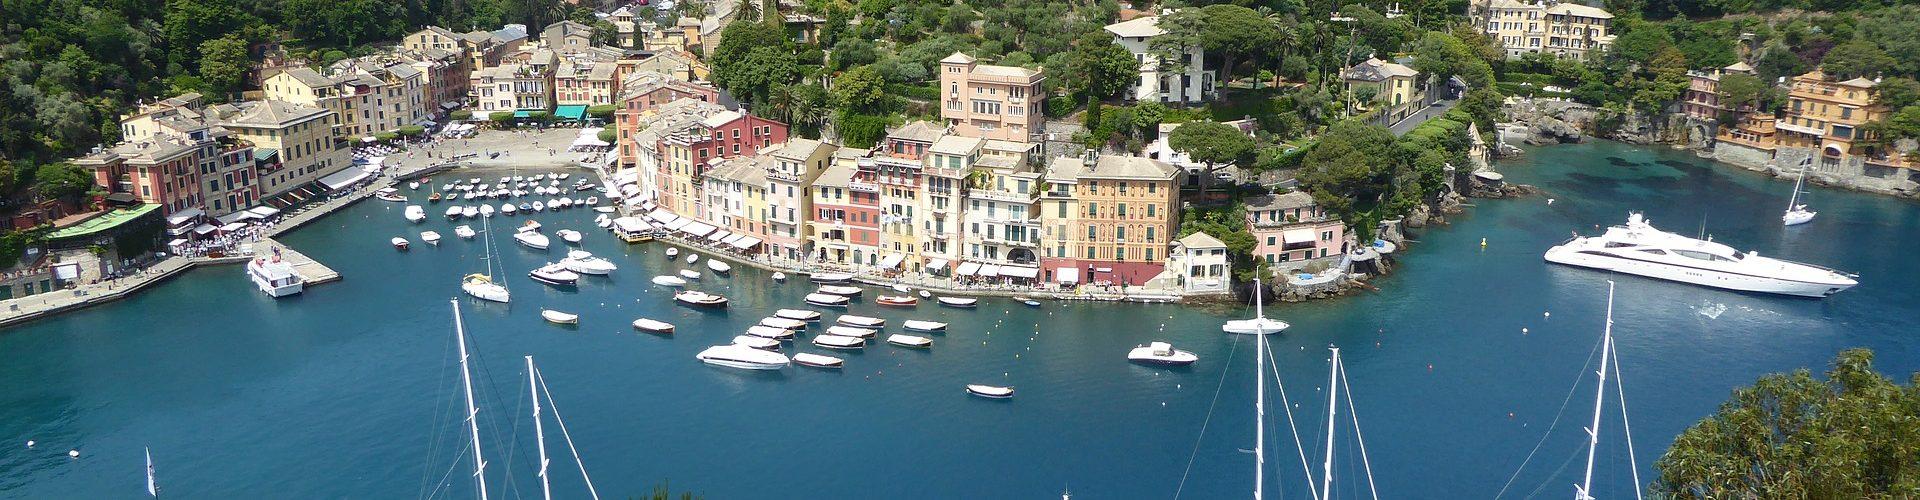 Za sve koji uživaju u putovanjima: Benvenuti a Portofino